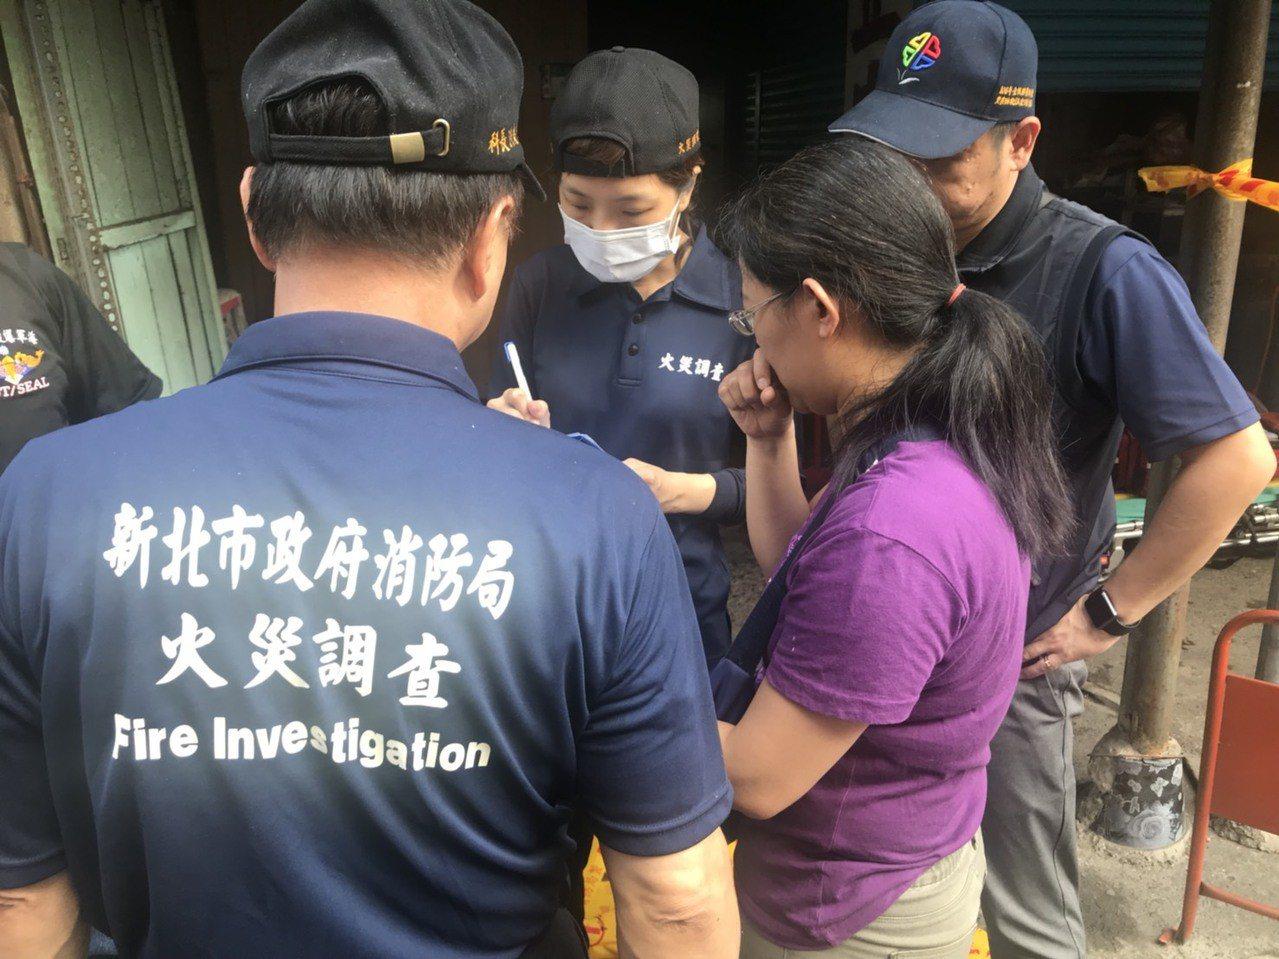 火警造成3死,消防局與死者女兒詢問家庭狀況。記者袁志豪/攝影